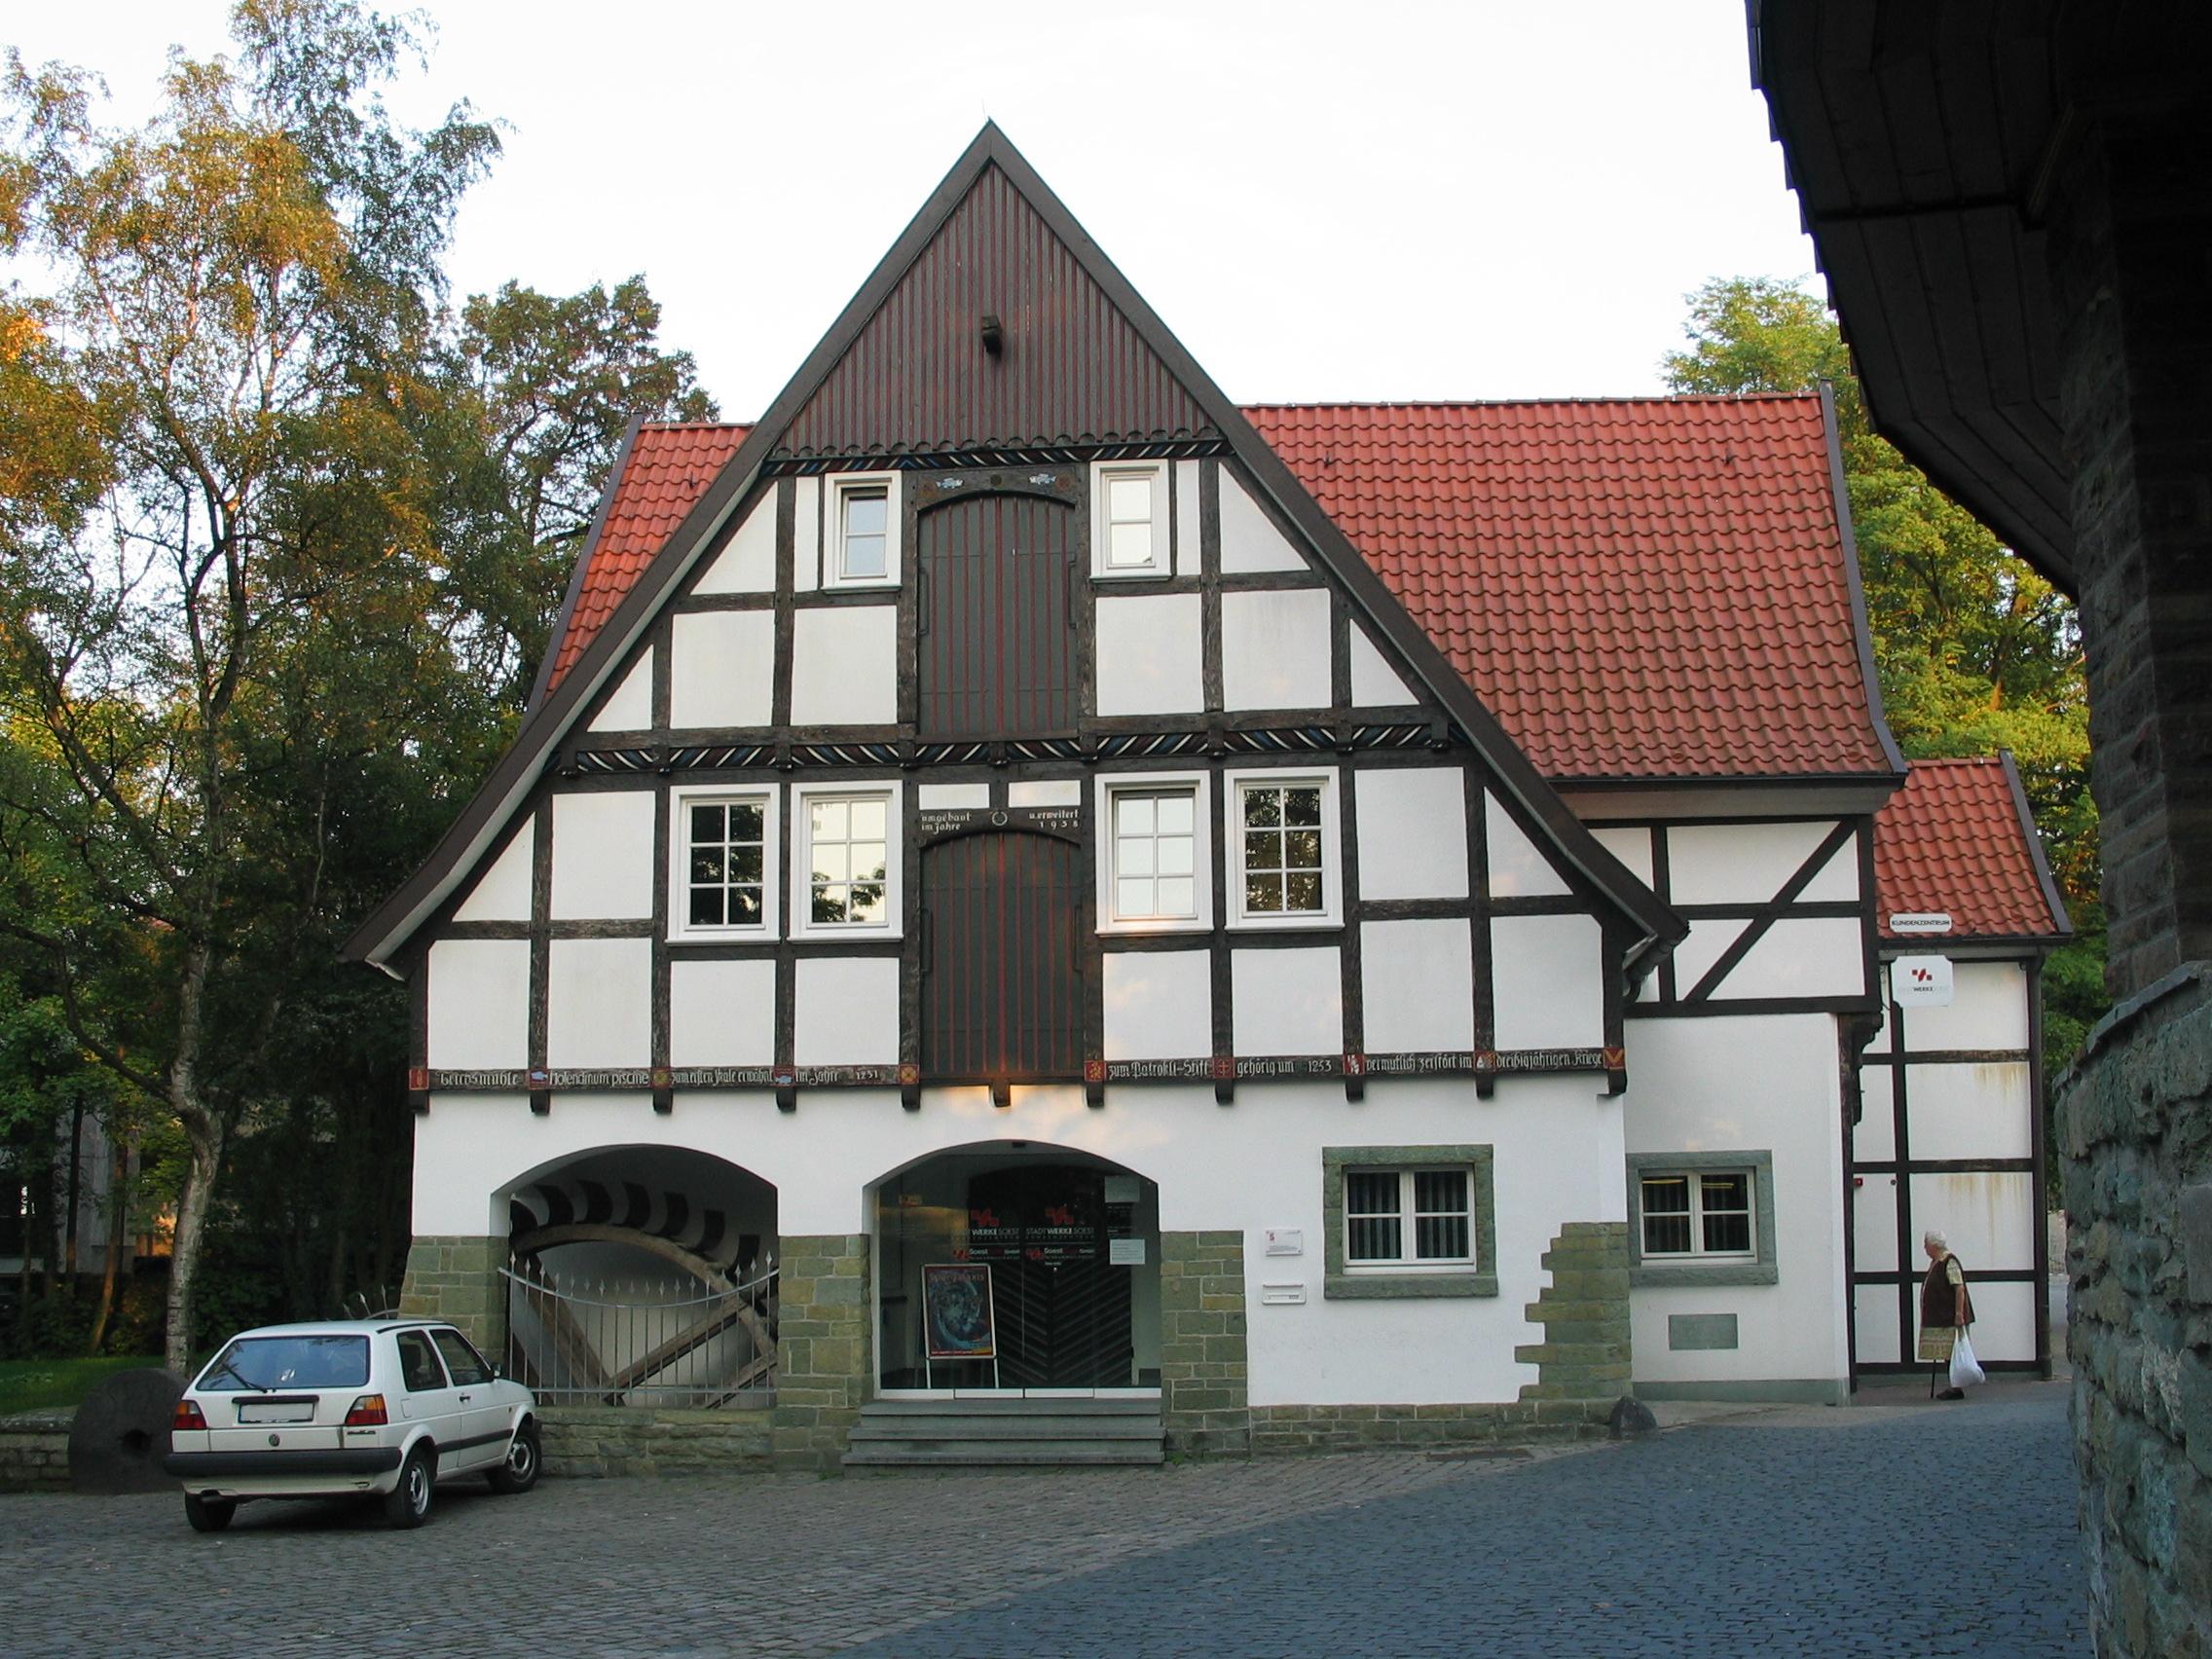 Single-Wohnung Soest Soest, Wohnungen für Singles bei blogger.com